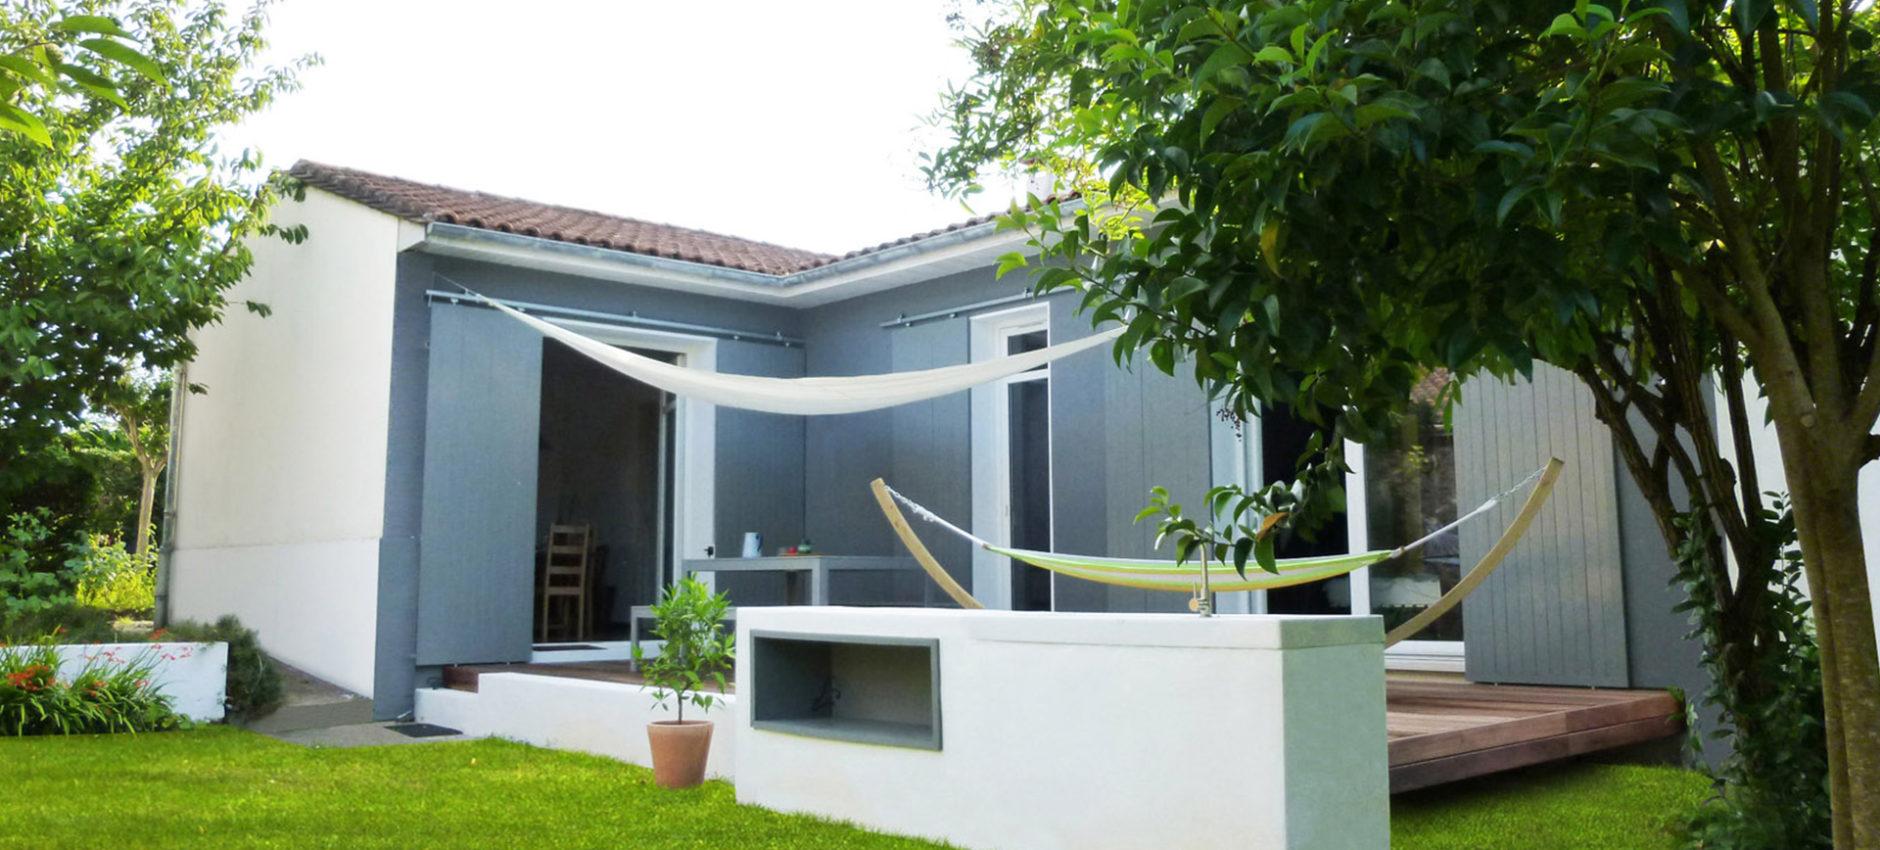 boca_architecture_projet_maison_CM_01.jpg